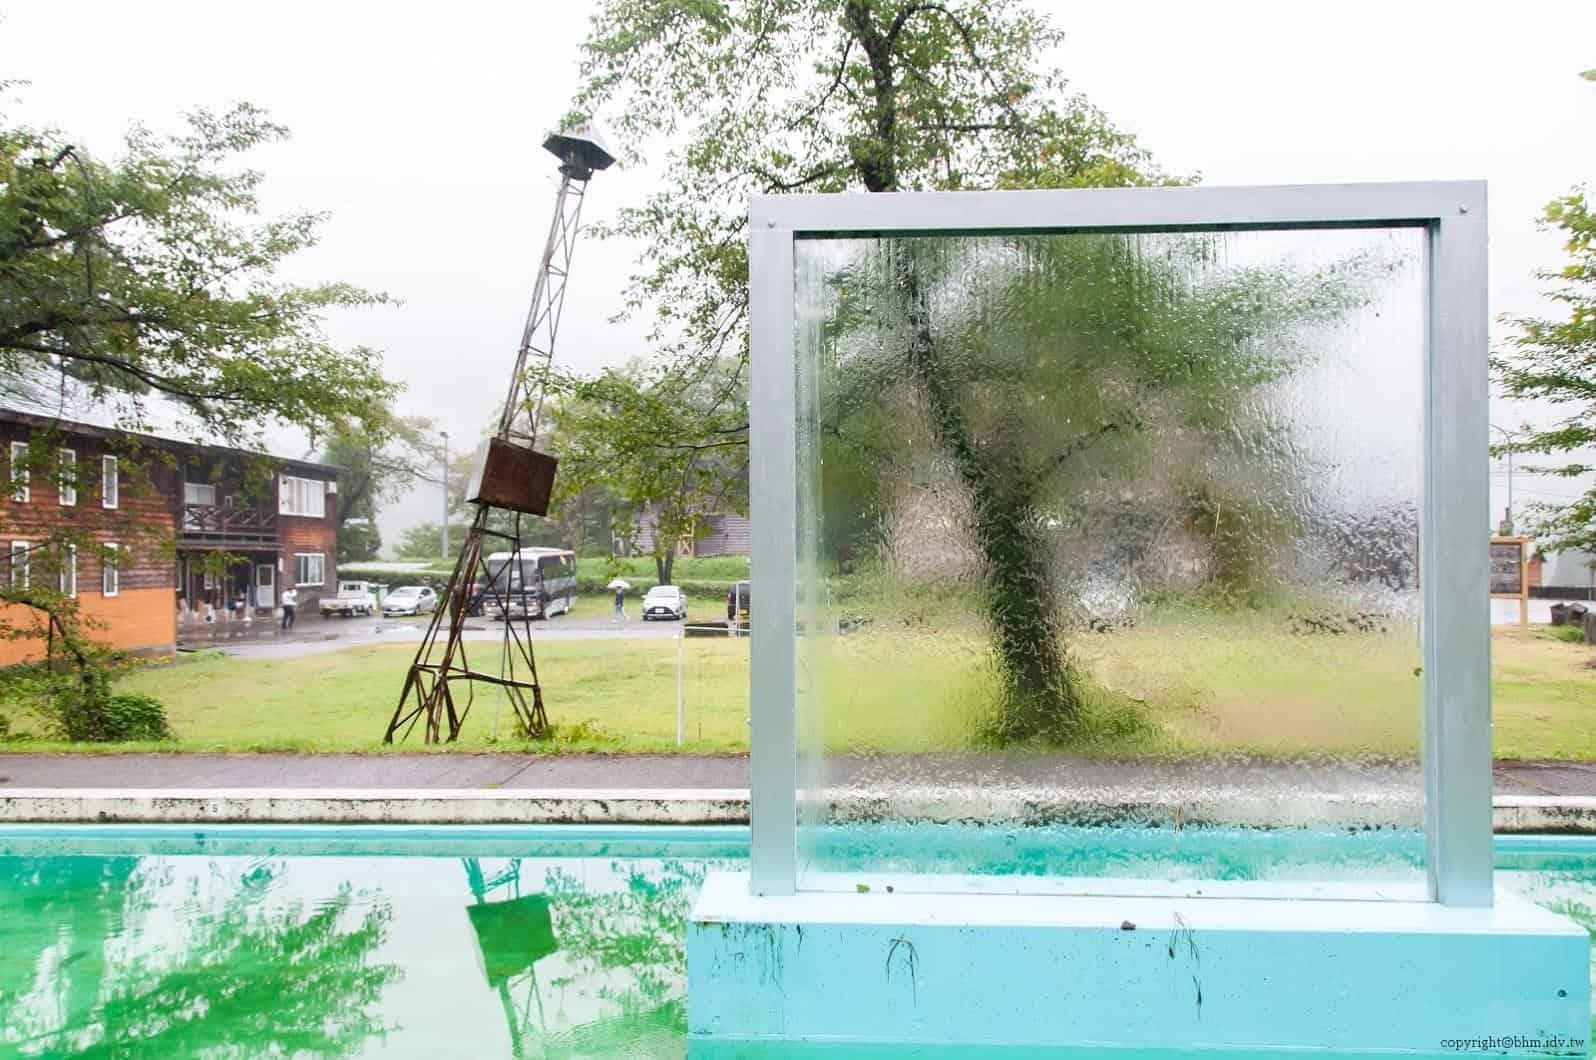 本間純,Melting Wall,波動的水面搖擺不定透過水流於玻璃上呈現出風景 越後妻有 Melting Wall melting wall 01